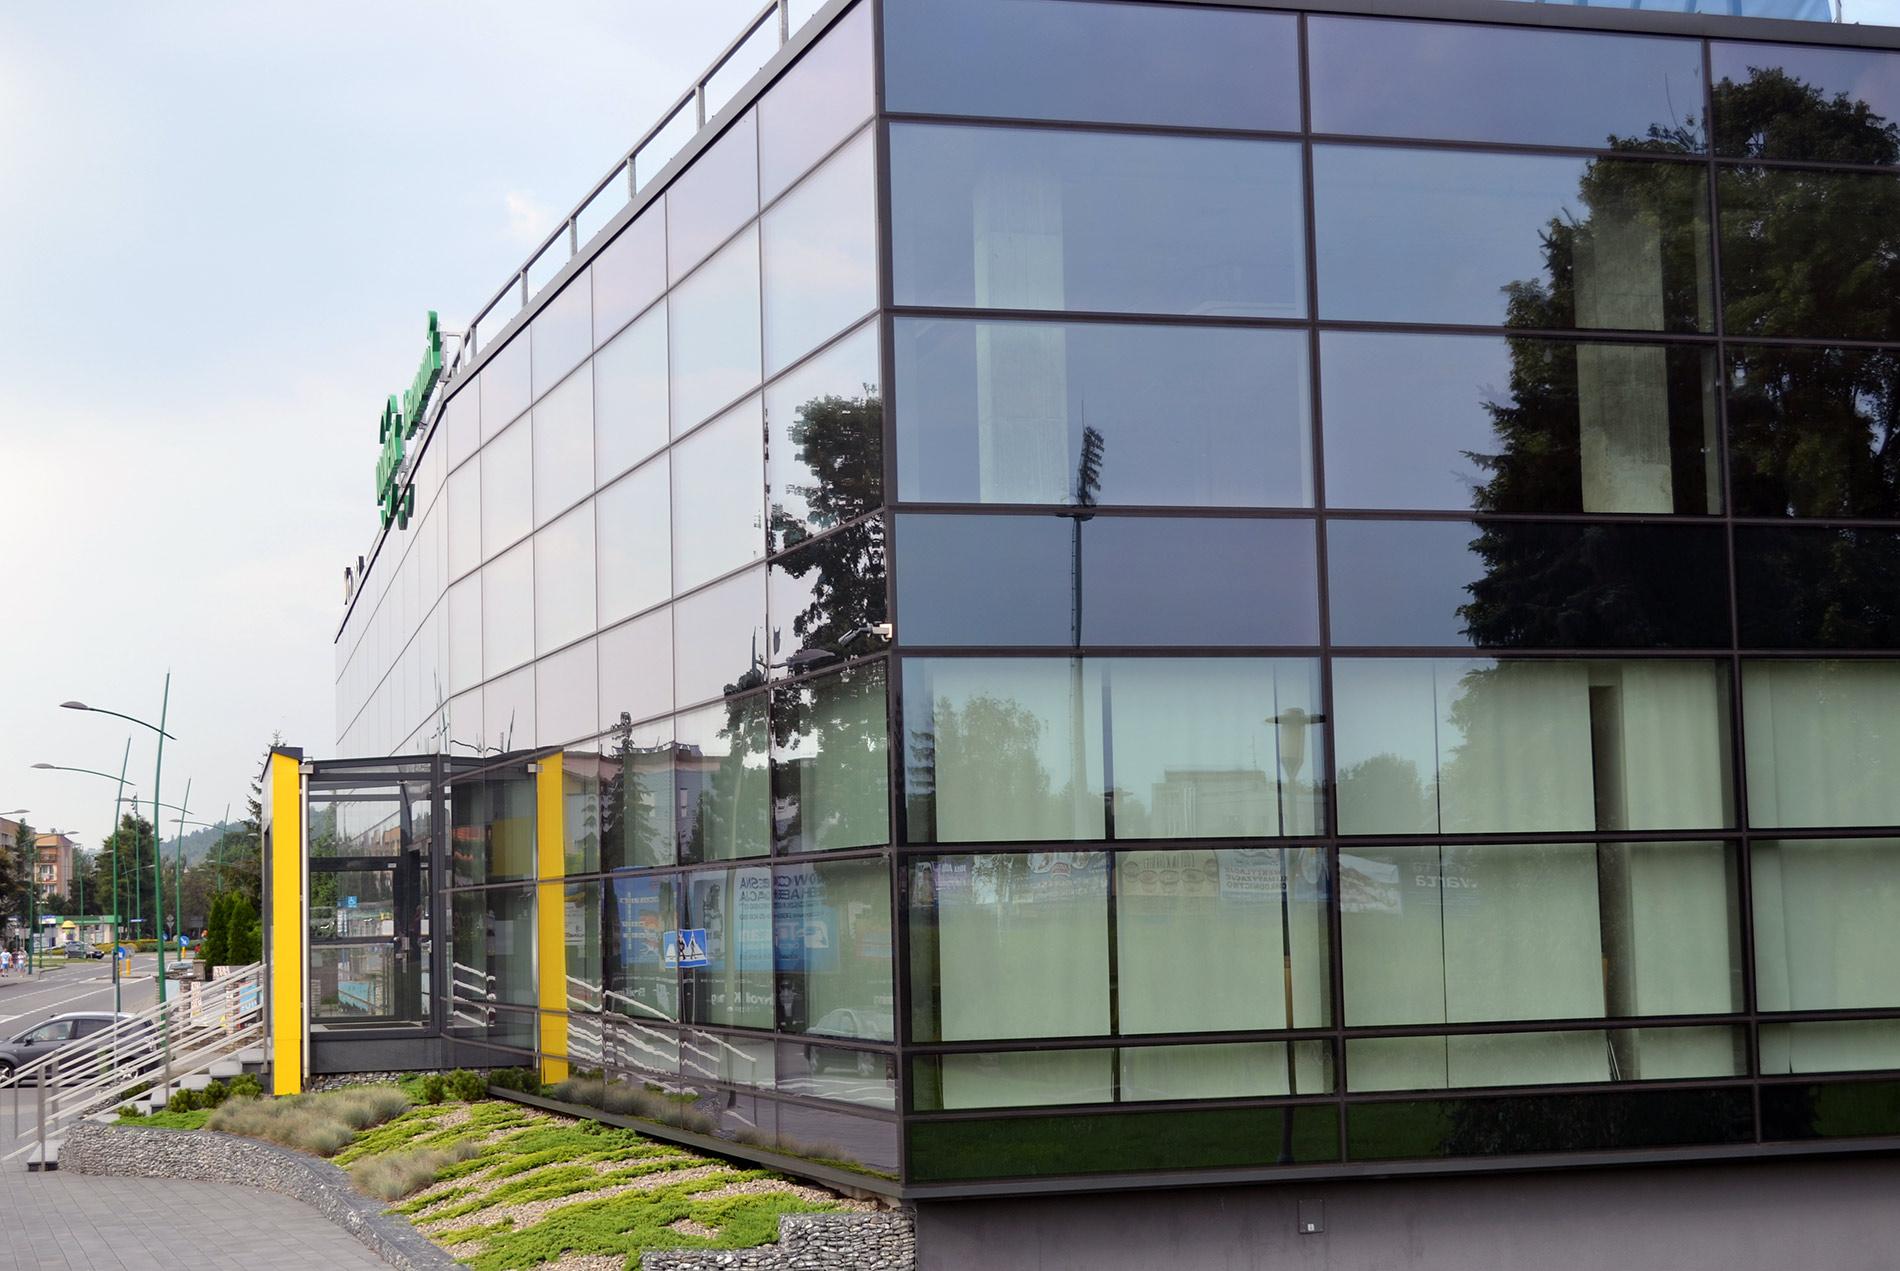 2016-Nowy-Sącz-fasada-2